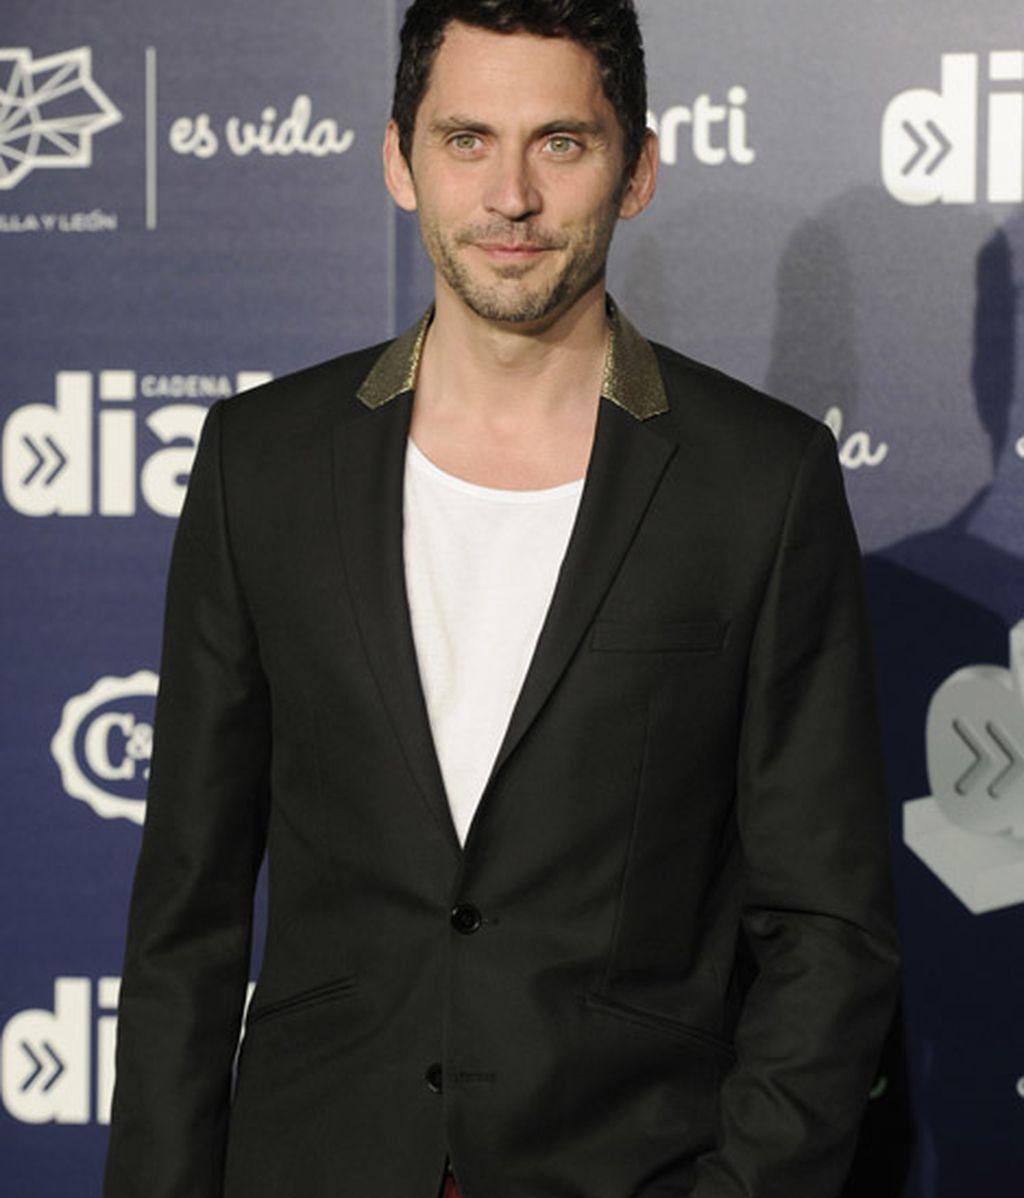 Los Premios Cadena Dial 2013